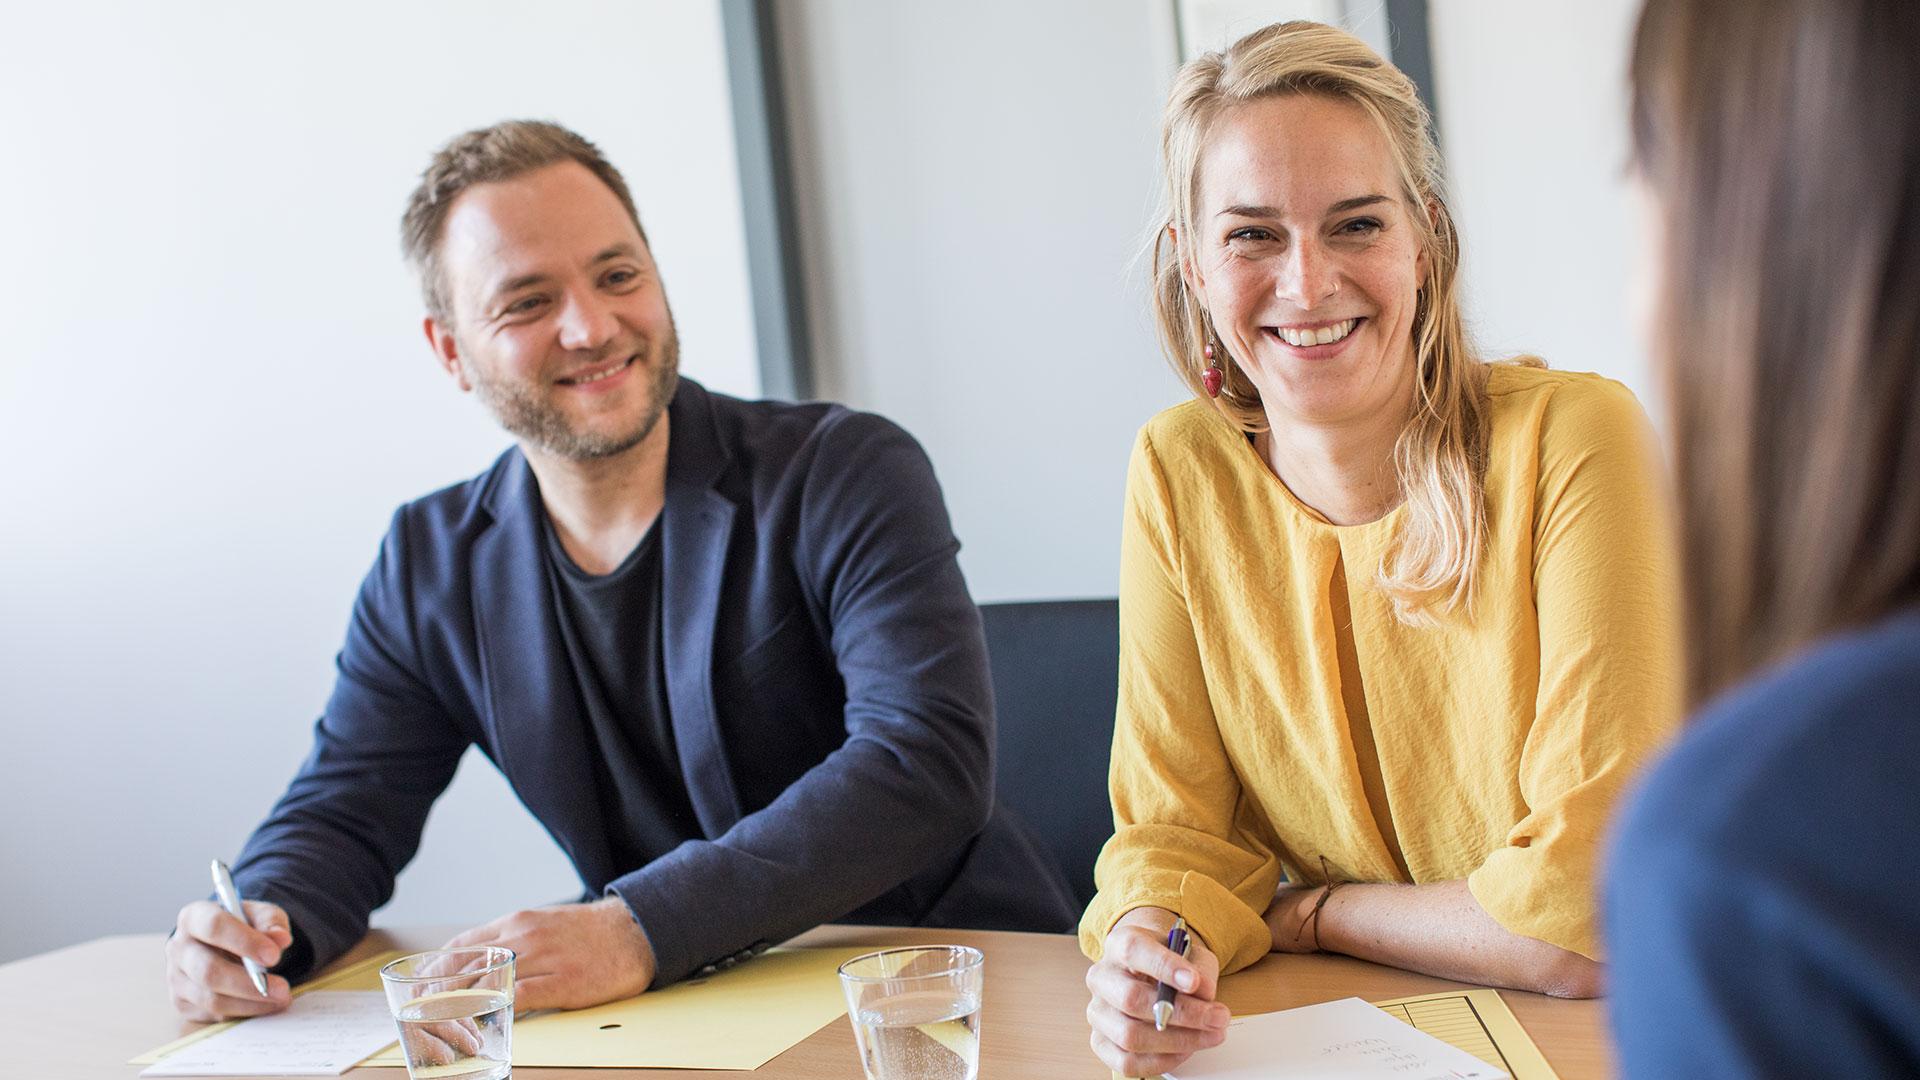 Eine Bewerbungssituation. An einem Tisch sitzen sich zwei Mitarbeiter, ein Mann und eine Frau, und eine junge Bewerberin gegenüber. Die Personen lächeln.